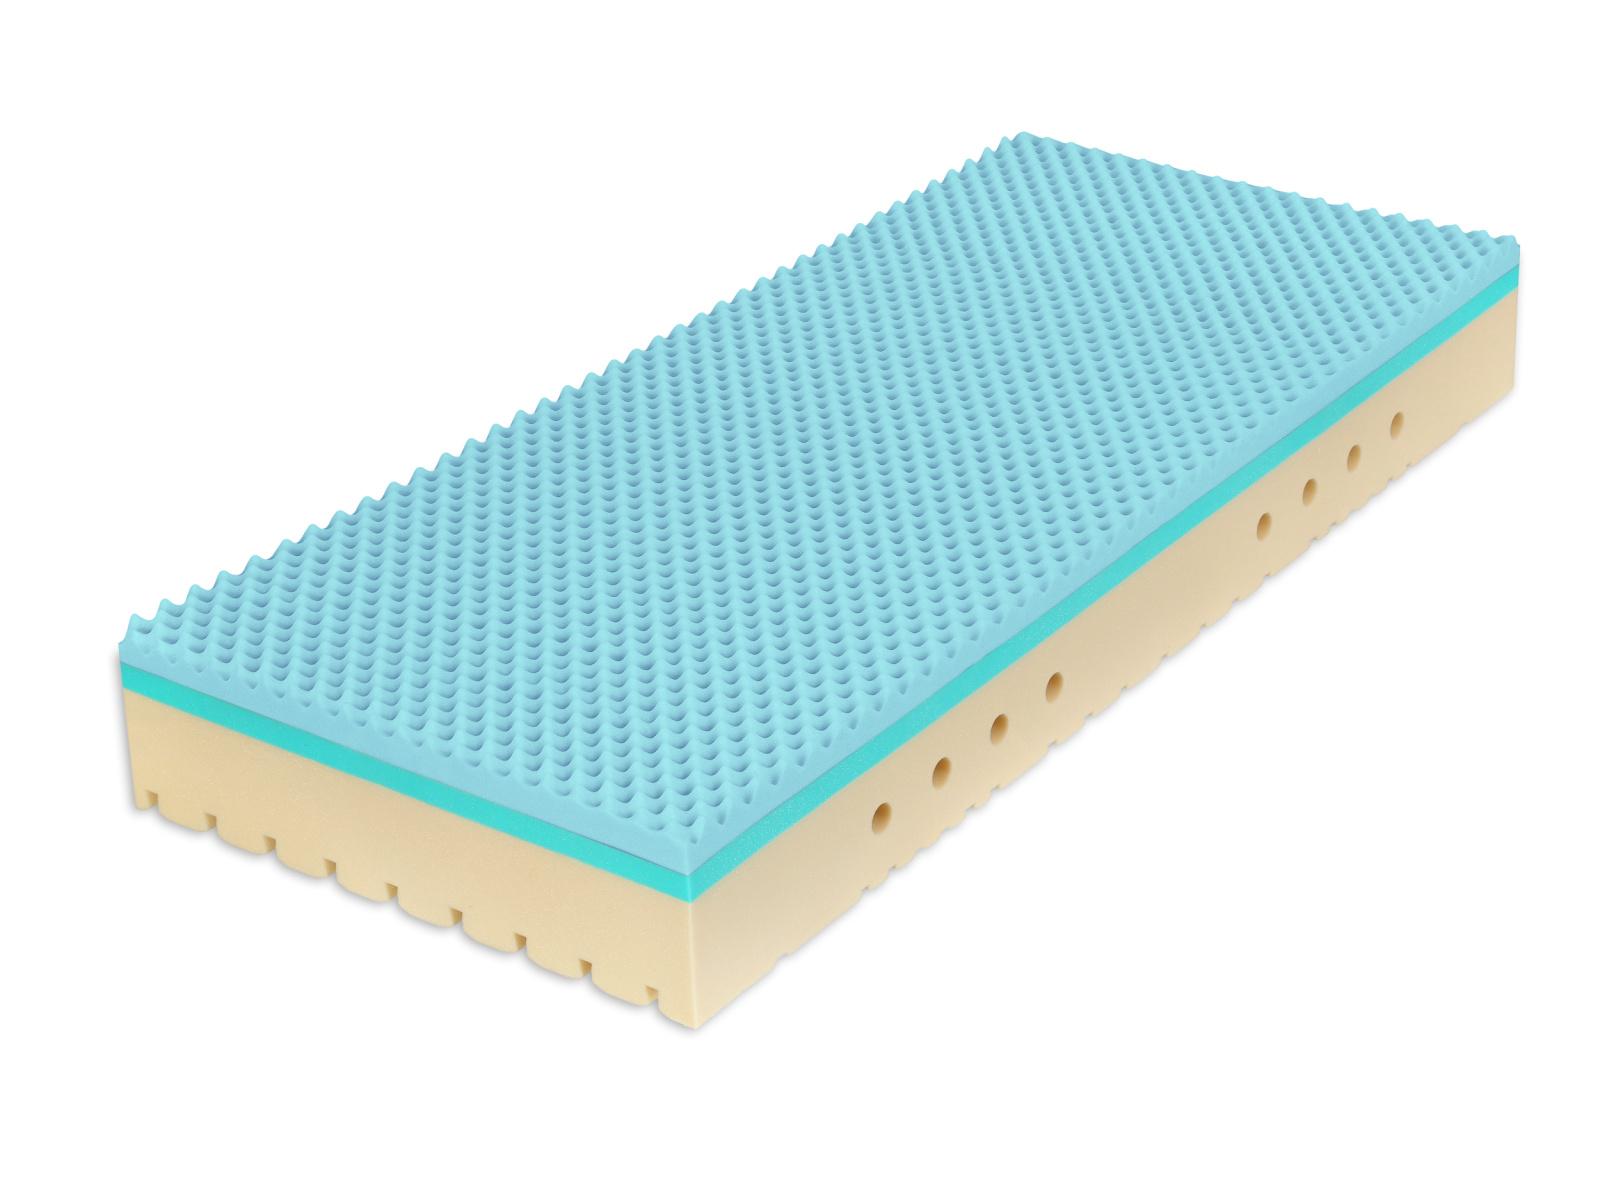 Matrace SUPER FOX BLUE Wellness 90x200x18 cm, 1+1 ZDARMA